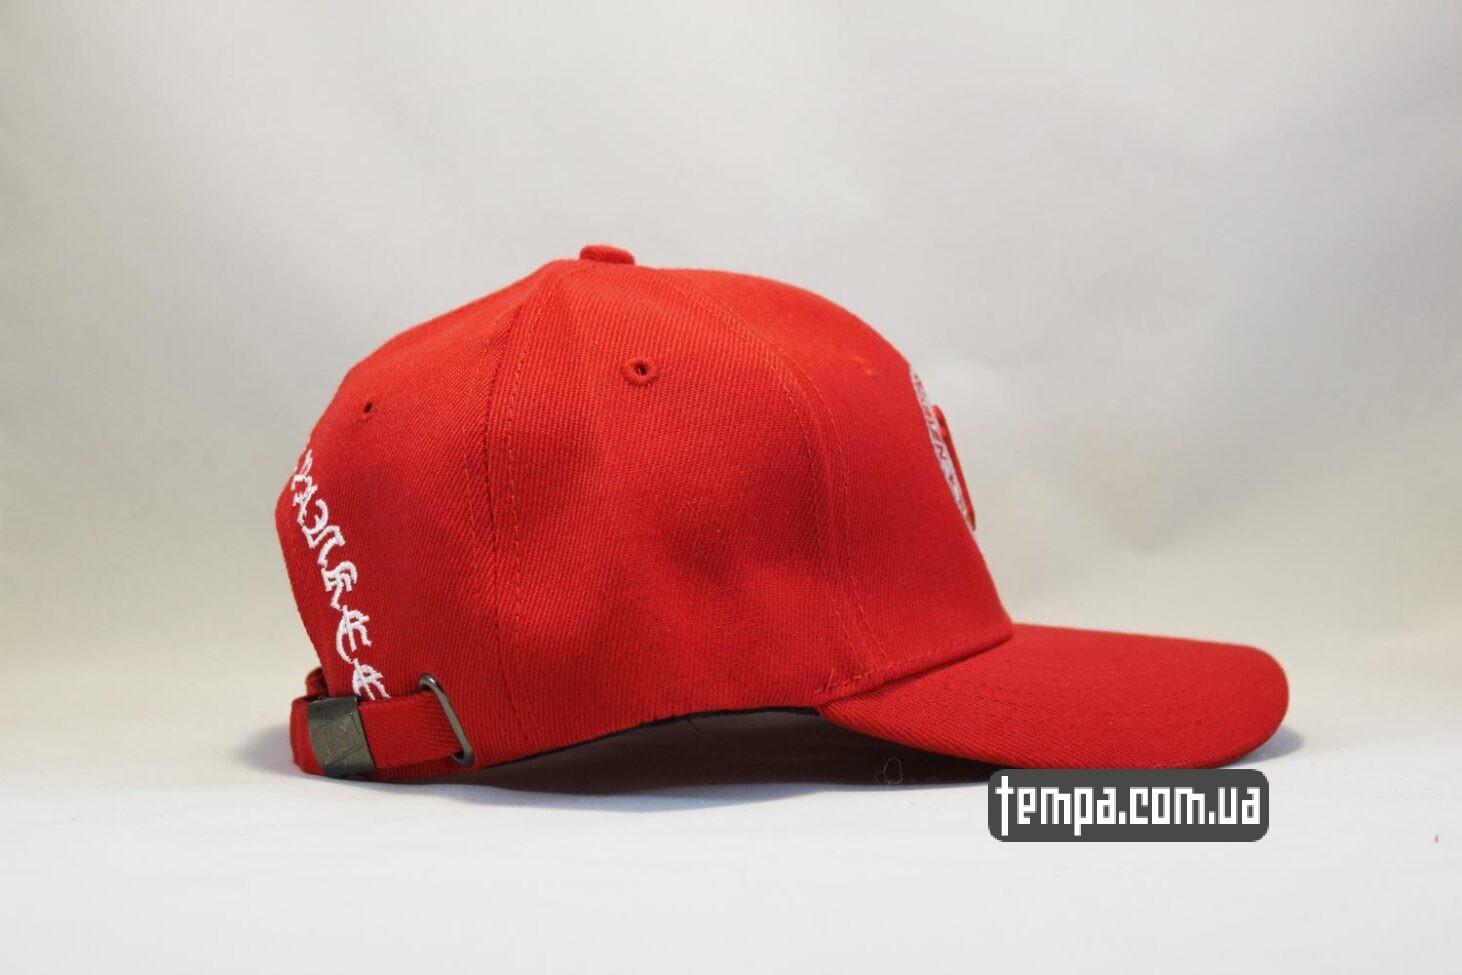 купить Украина кепка бейсболка New Era New Tork Yankees Red красная купить